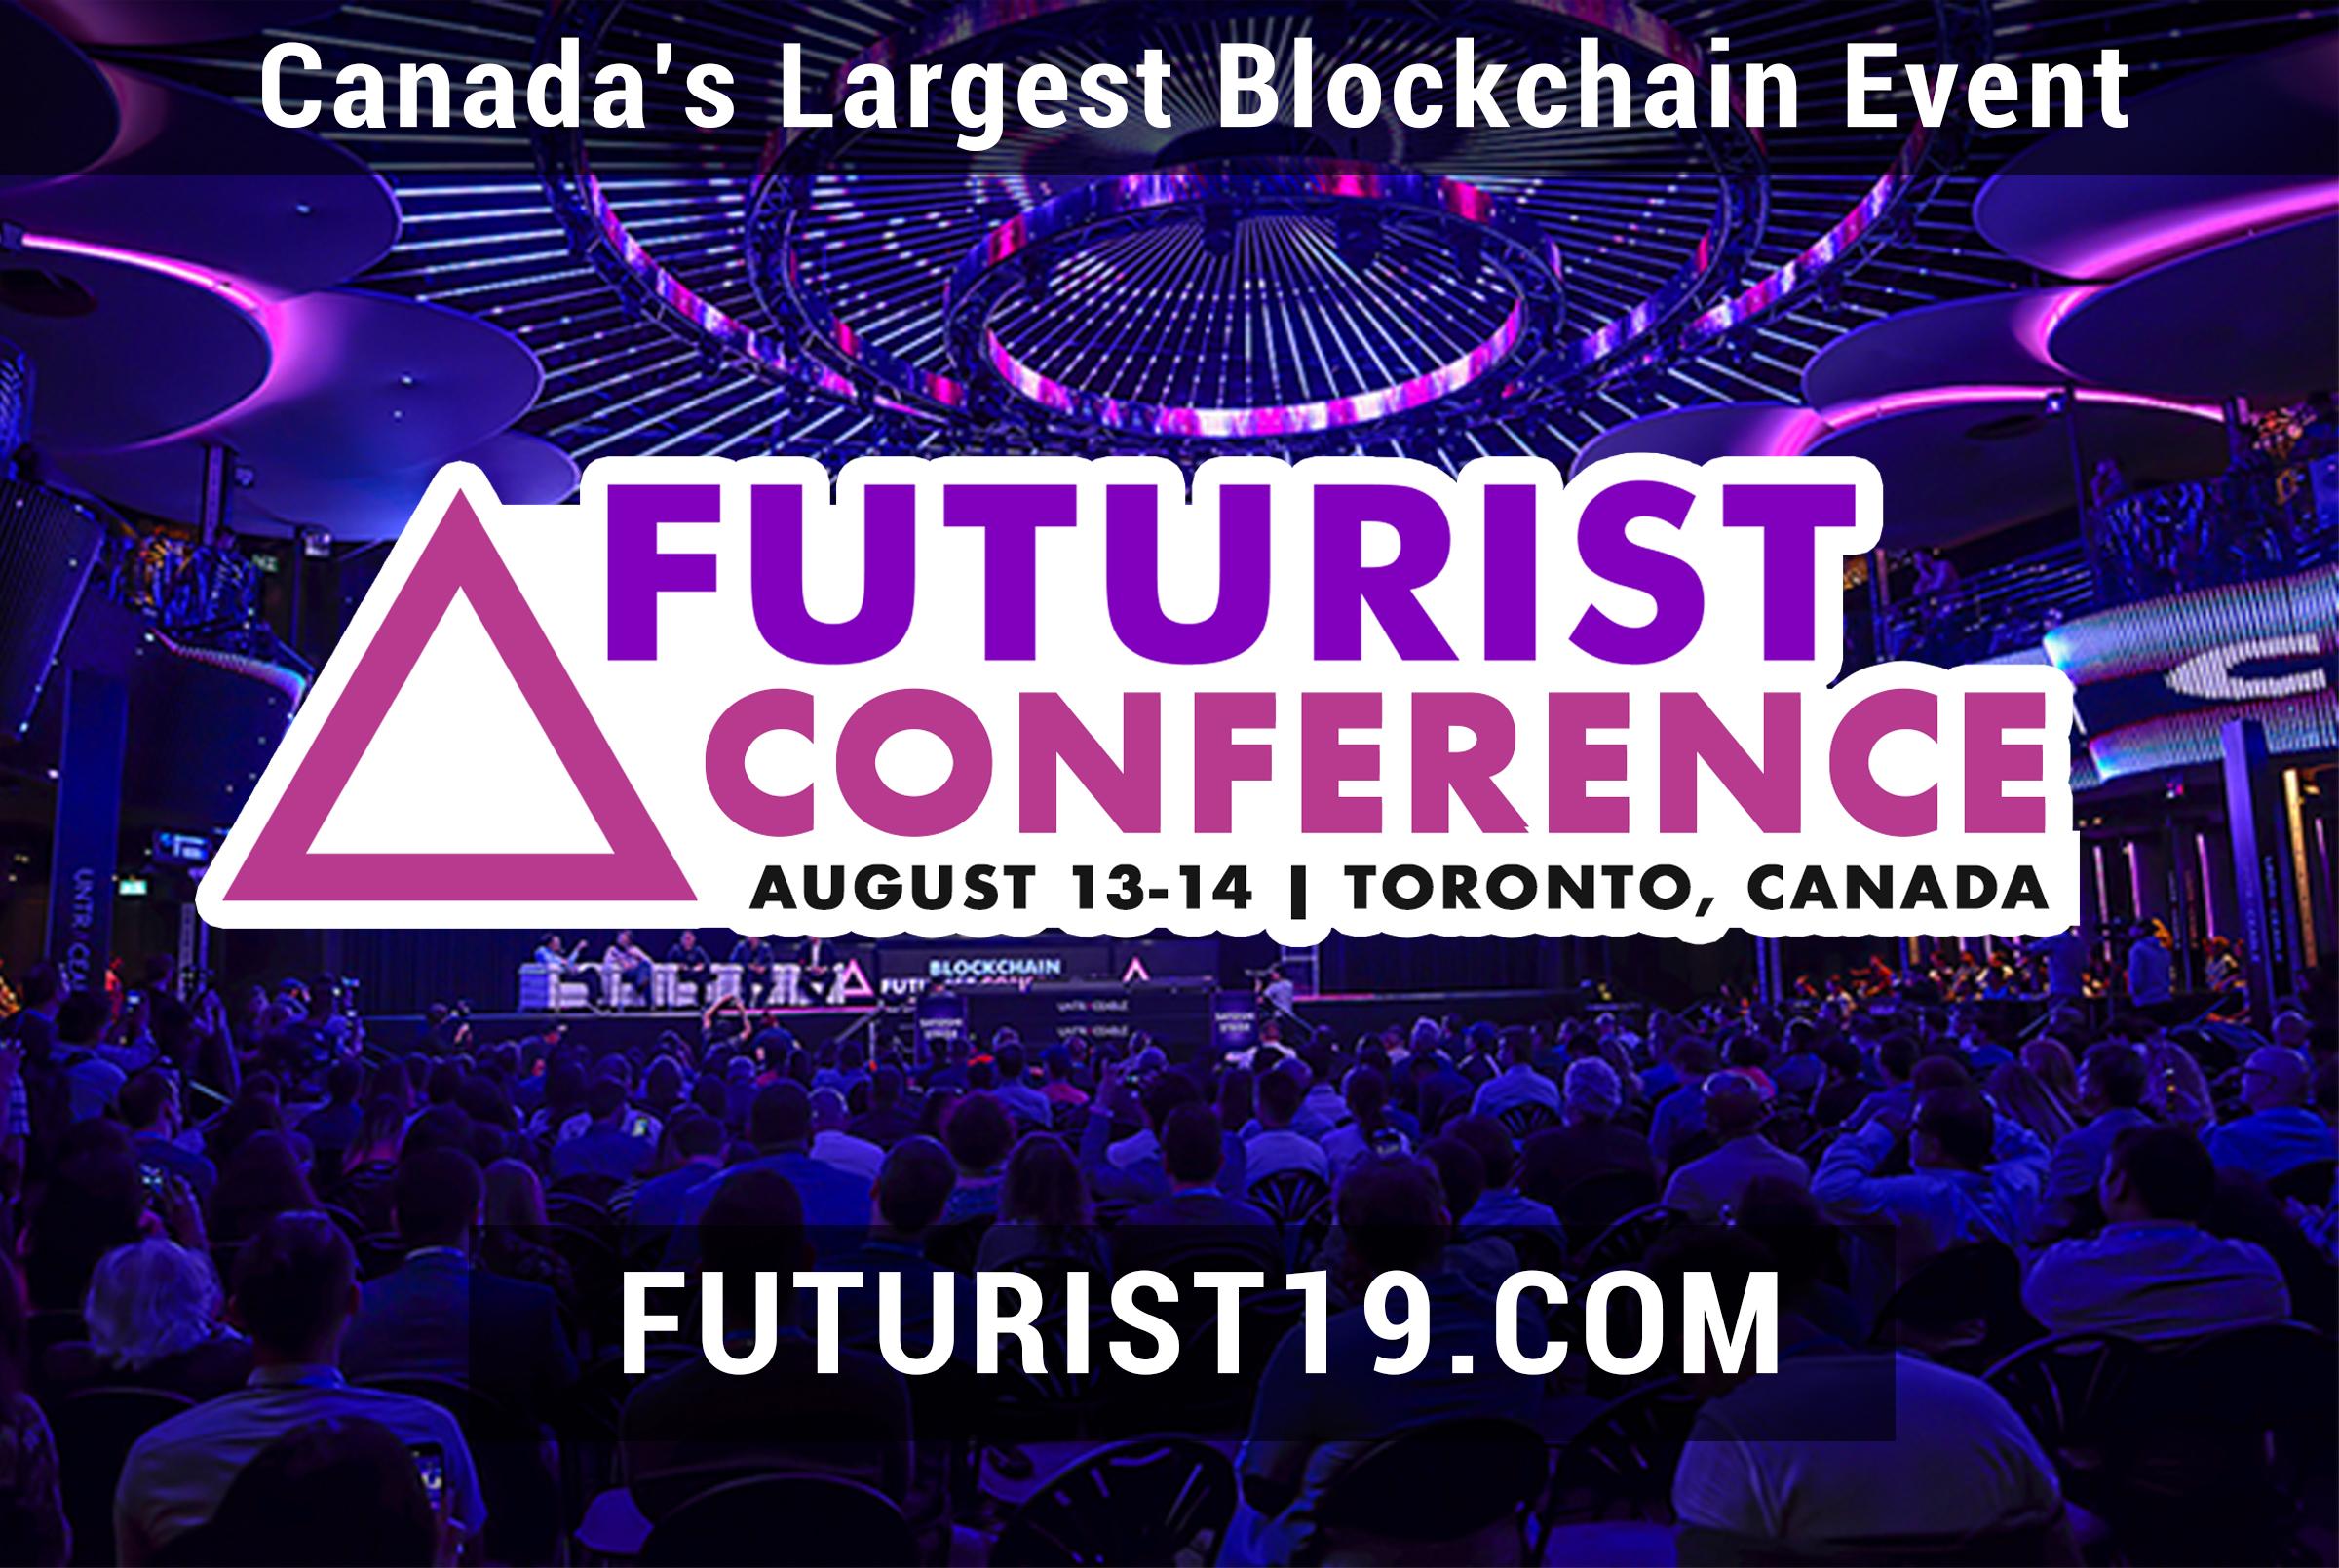 Futurist conference pour parler du Bitcoin